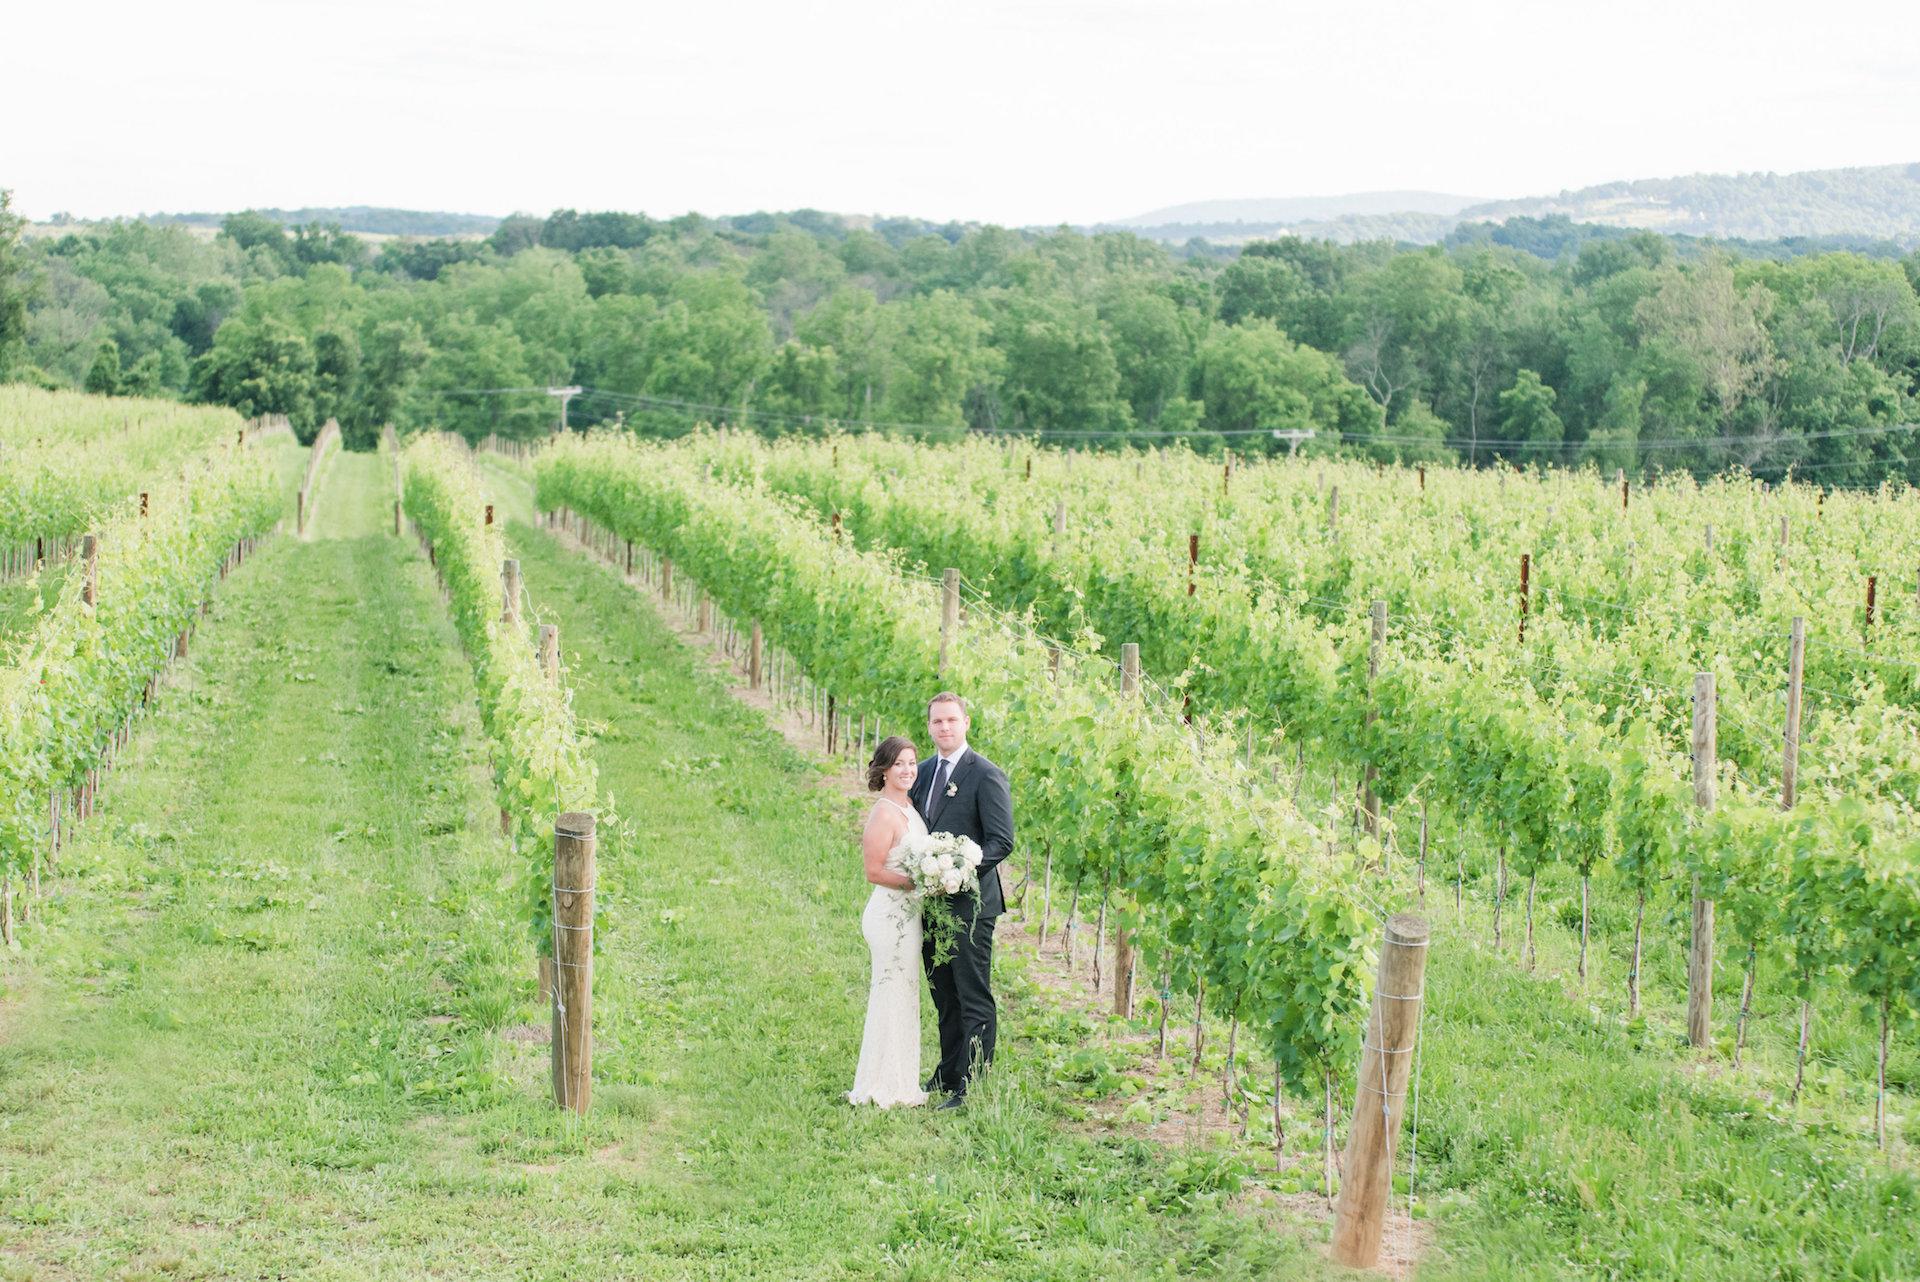 View More: http://joffoto.pass.us/kalero-wedding